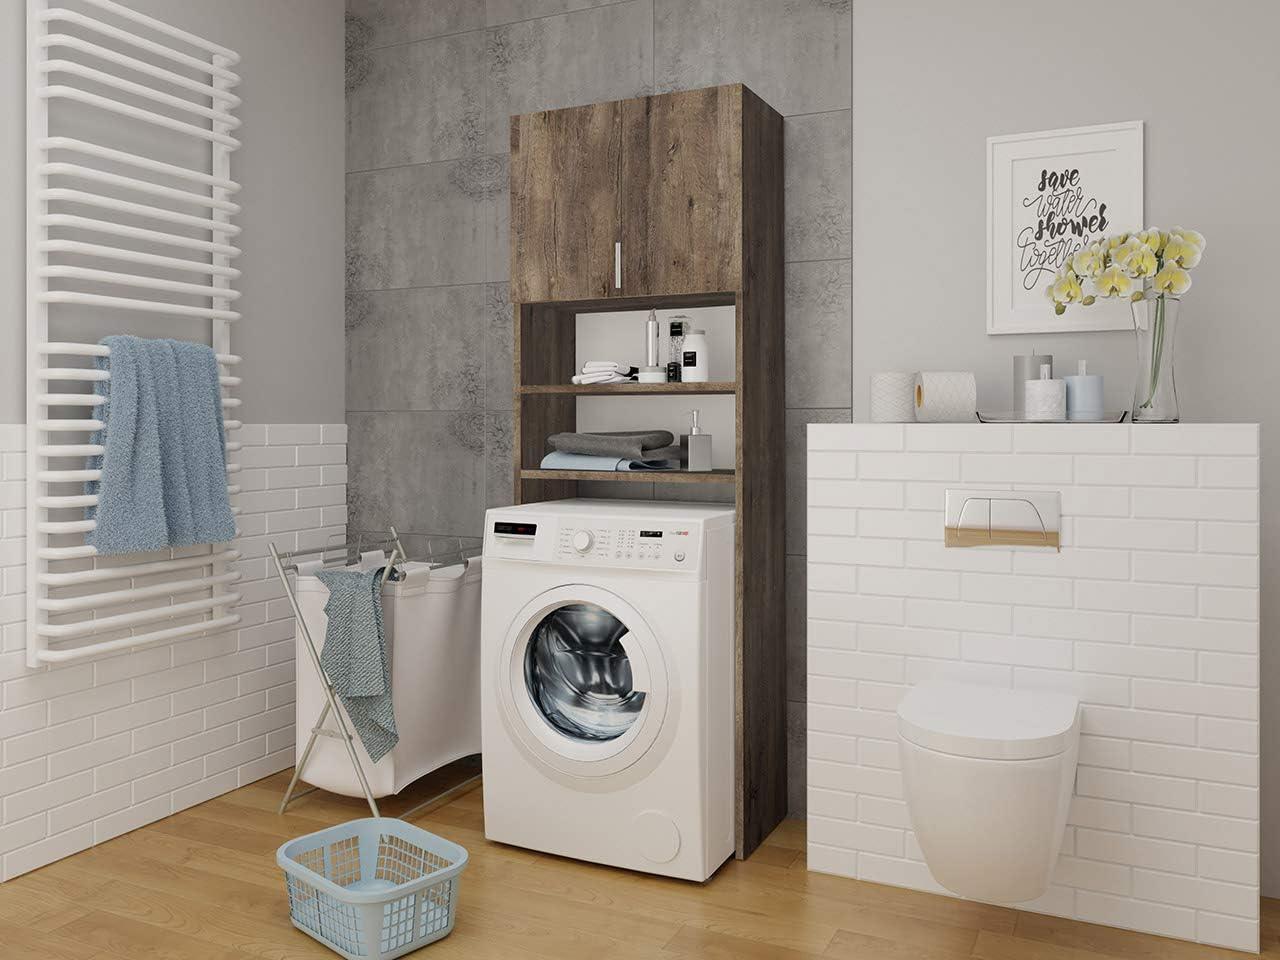 Esche Dunkel Badregal Waschmaschinenschrank Badhochschrank Badschrank Mirjan24 Badezimmerschrank f/ür die Waschmaschine Mosa